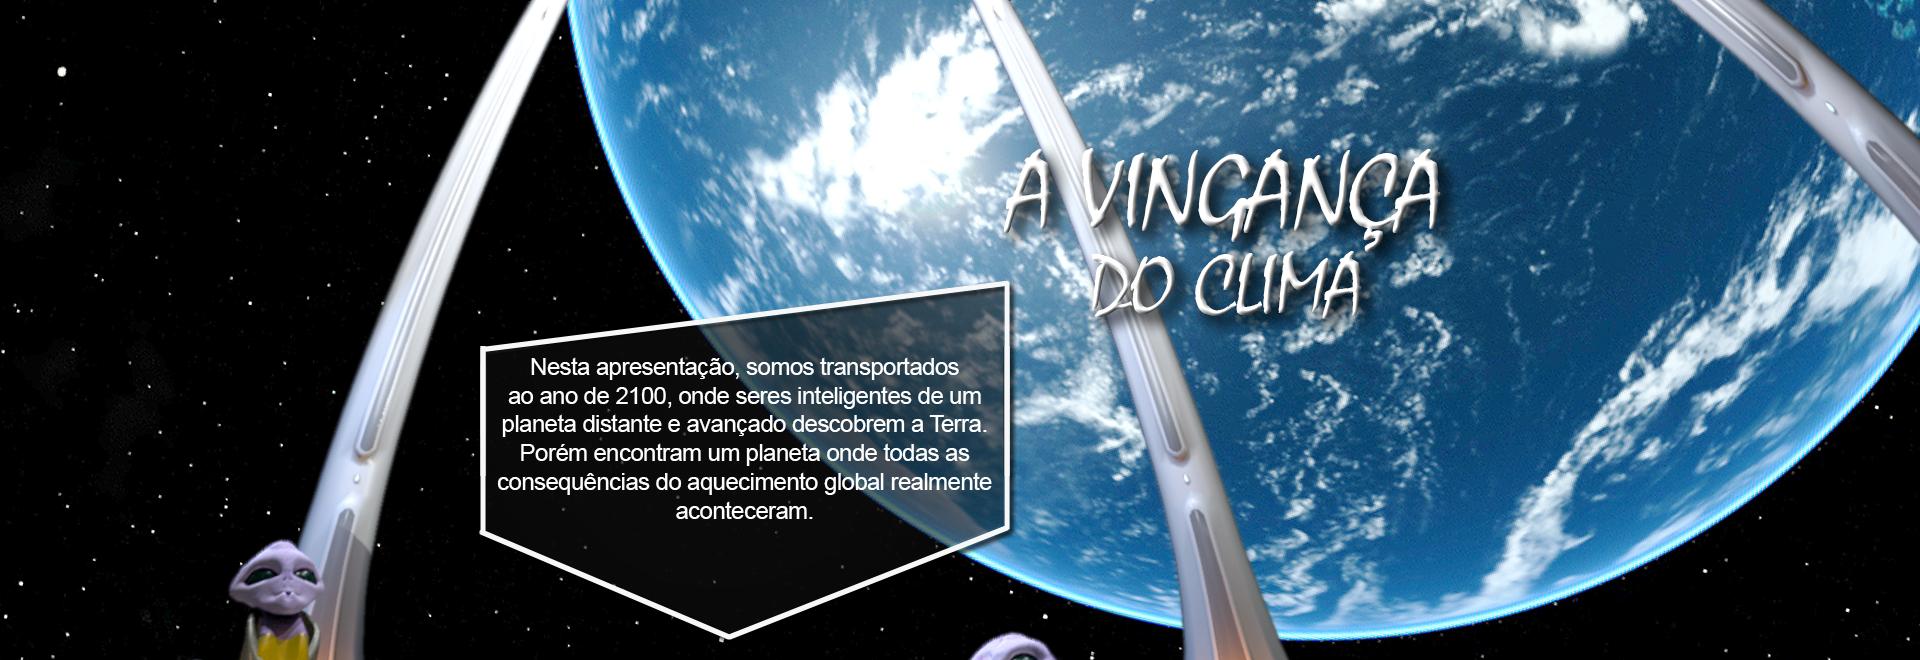 banner-a-vinganca-do-clima-660